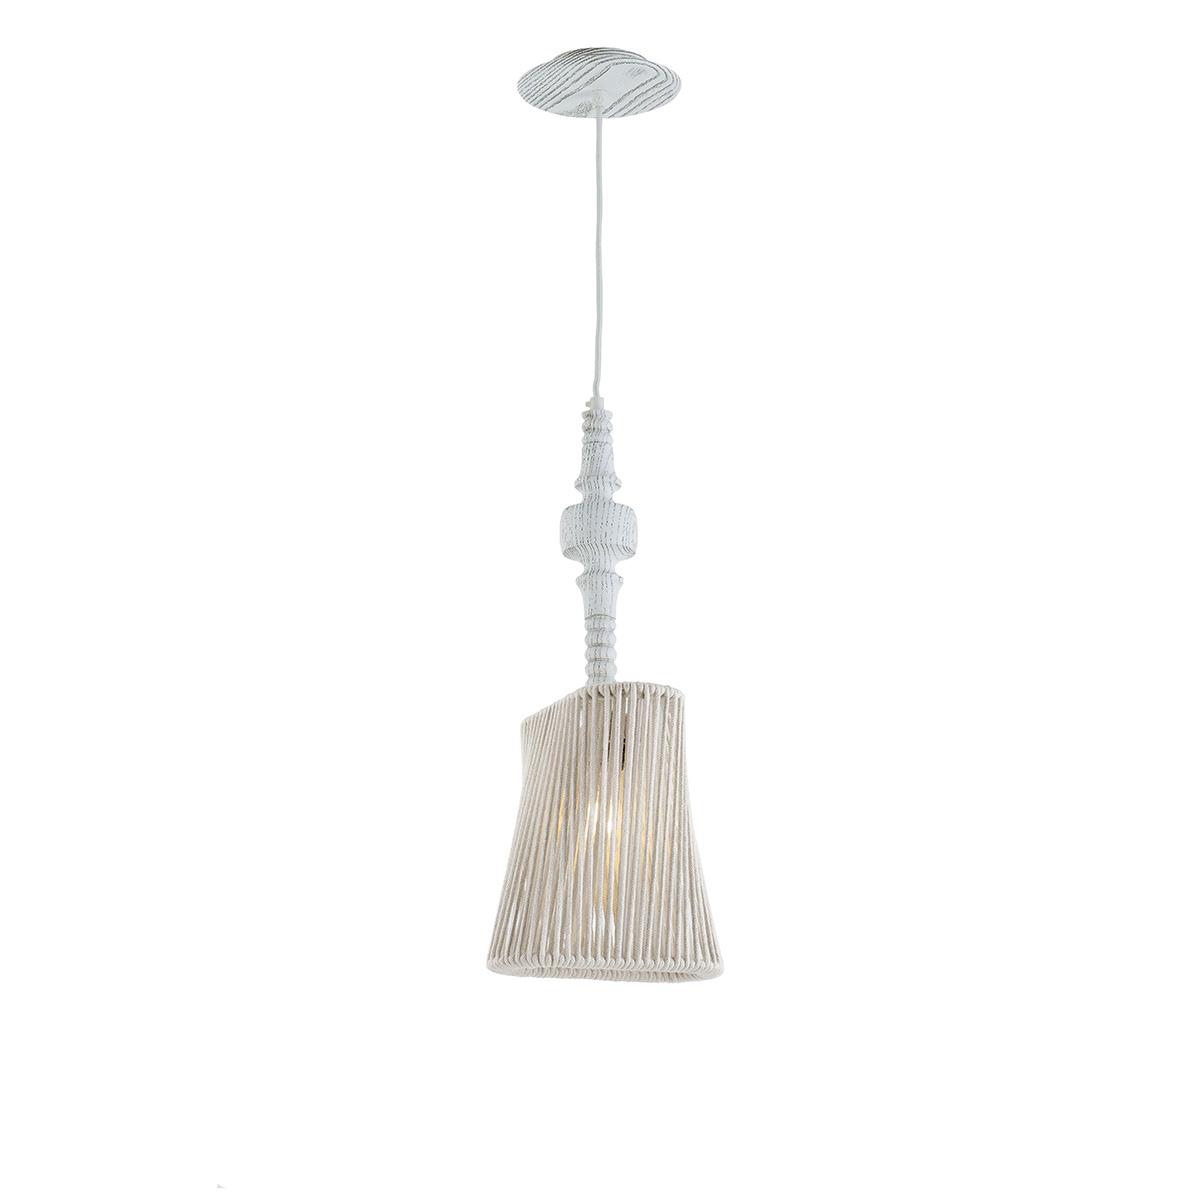 Φωτιστικό κρεμαστό ξύλινο TIMBER suspension lamp